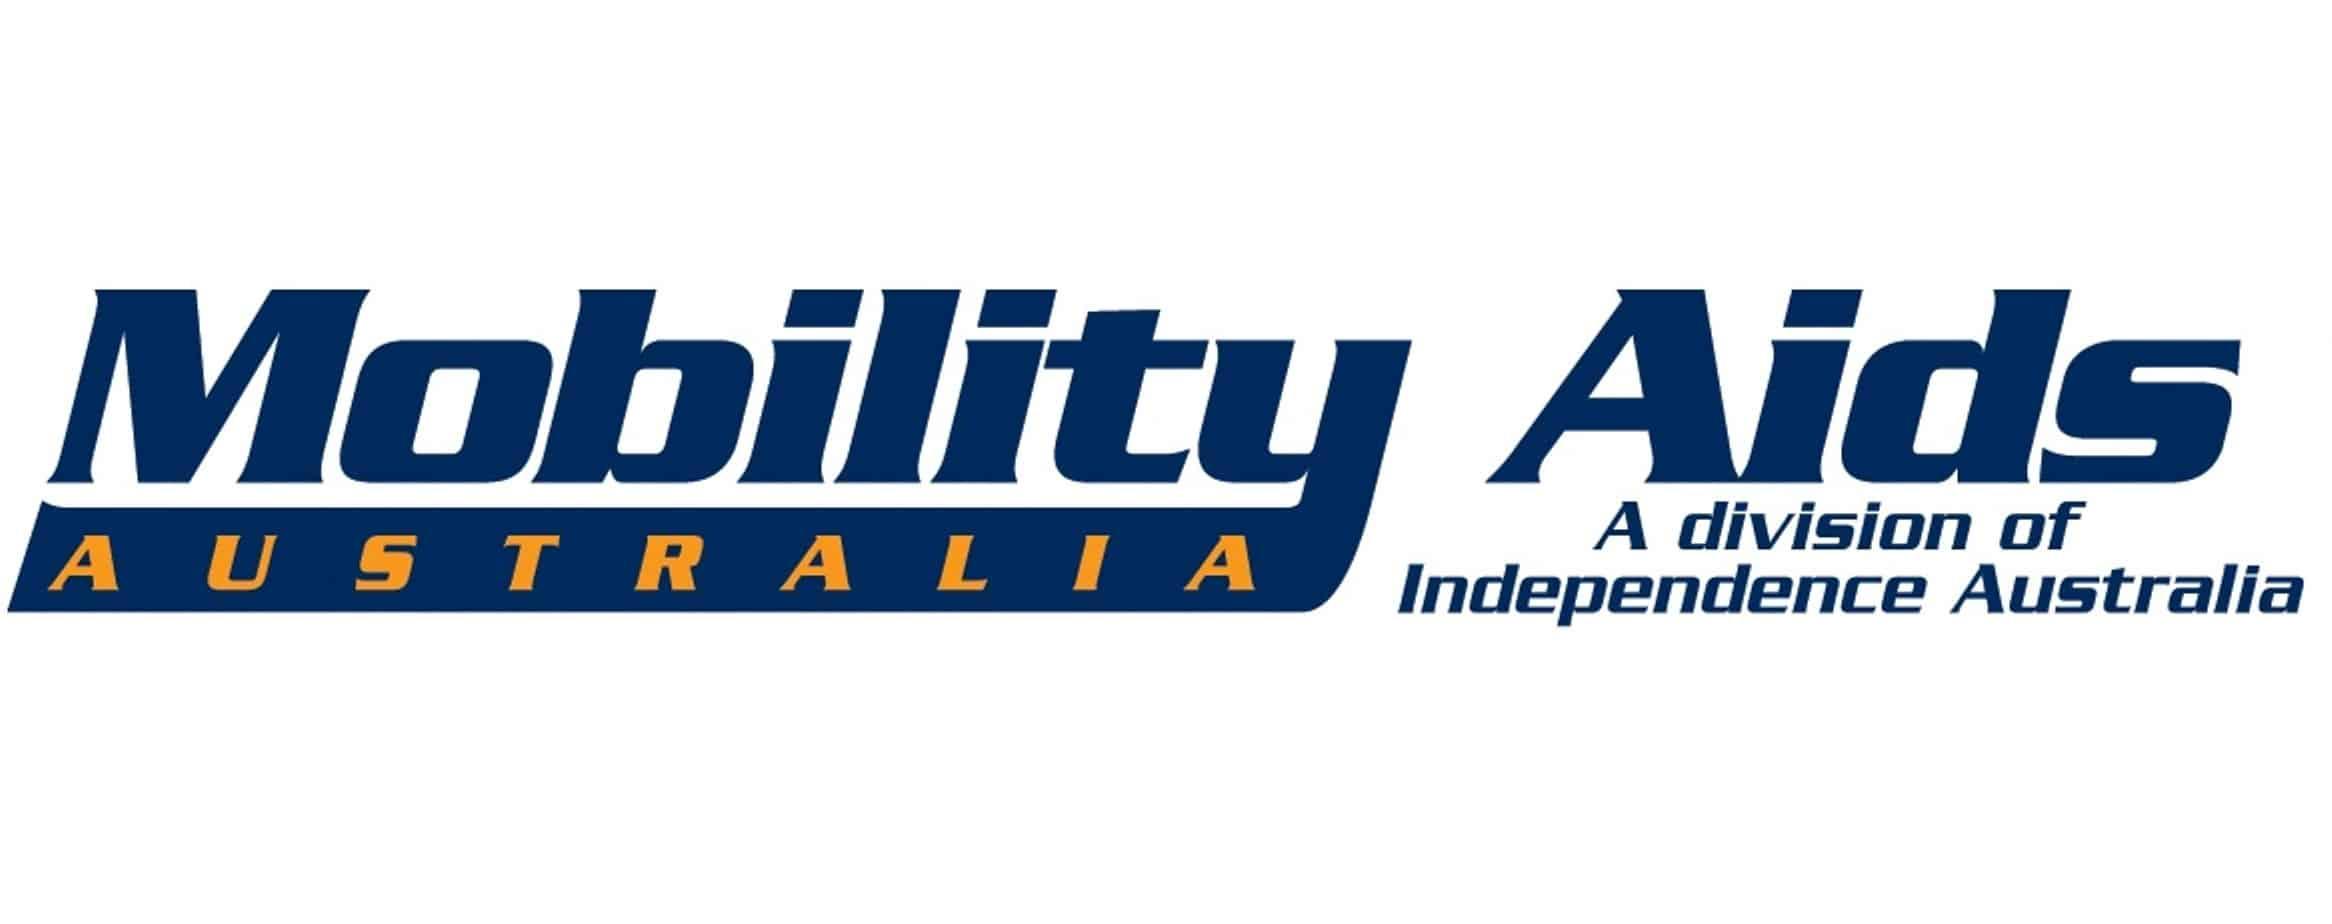 IA_Mobility Aids logo